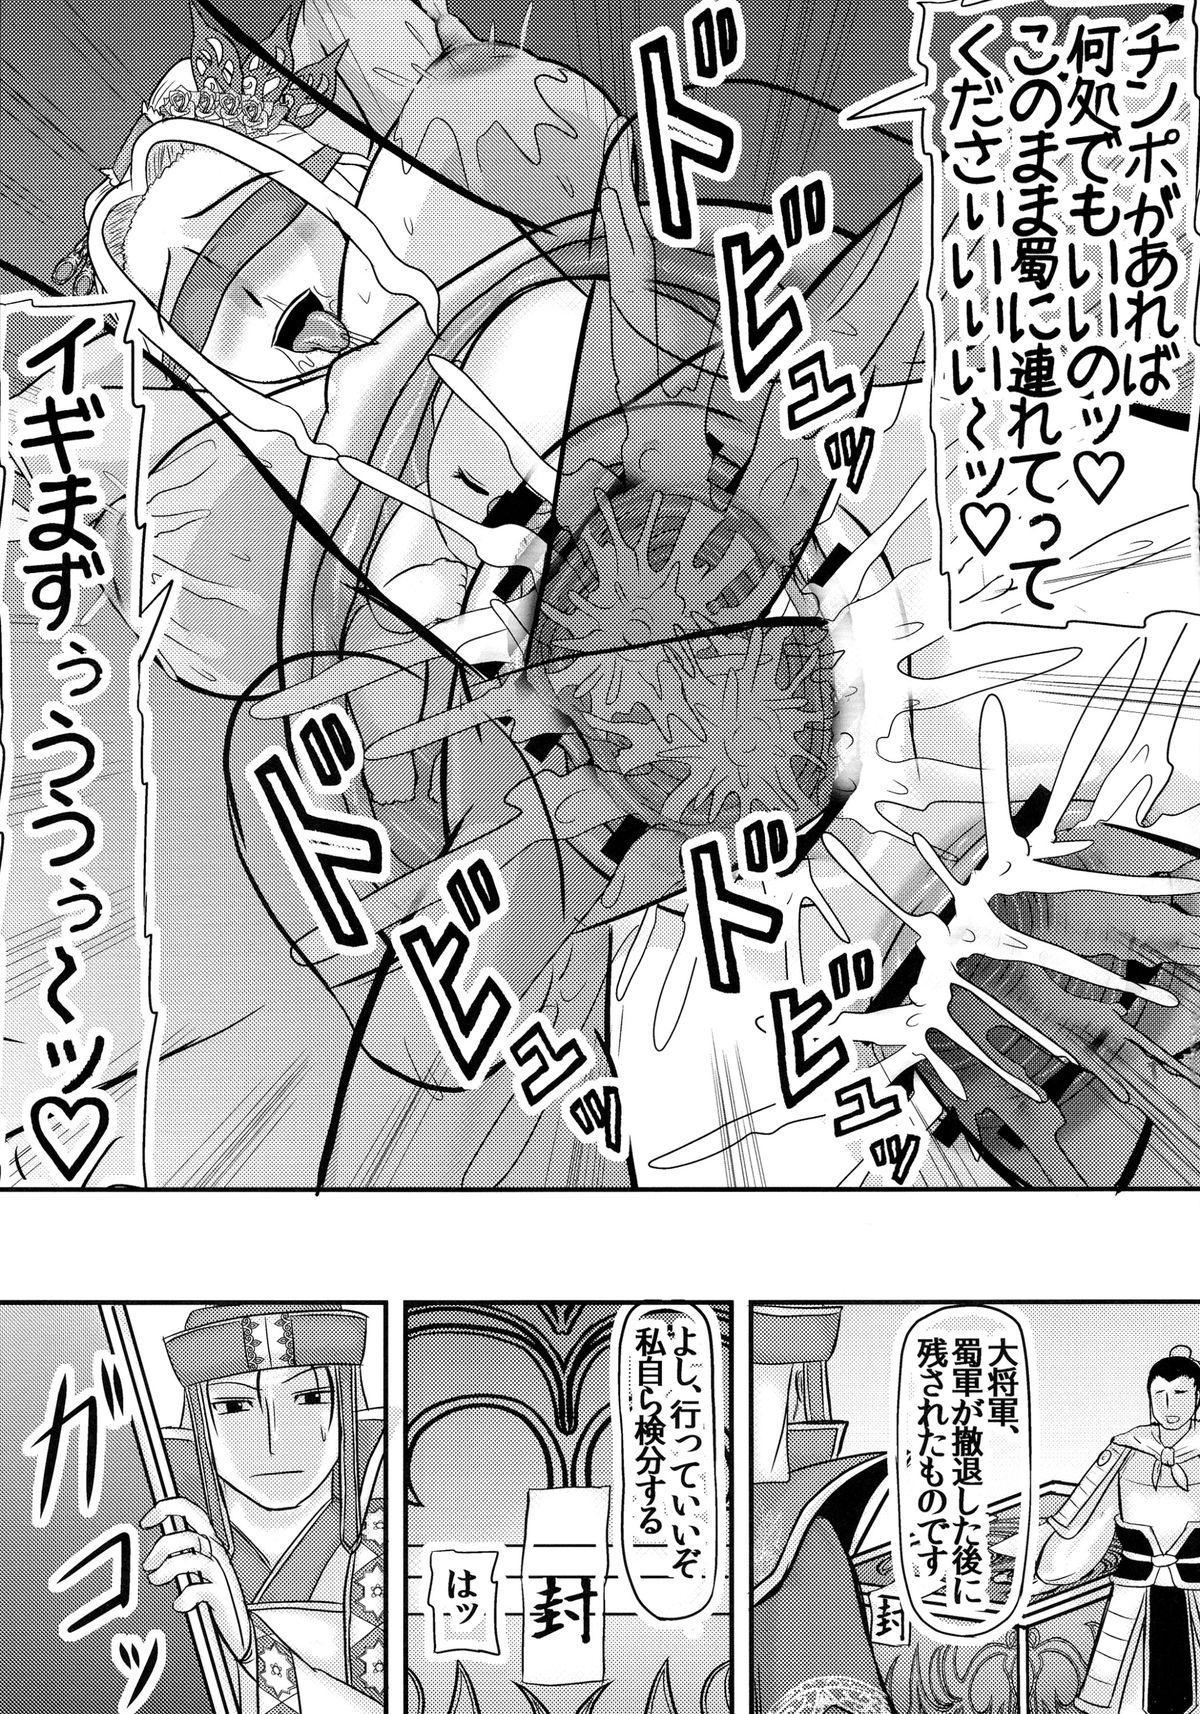 Shukuteki no ko wo Haramu Aisai 24